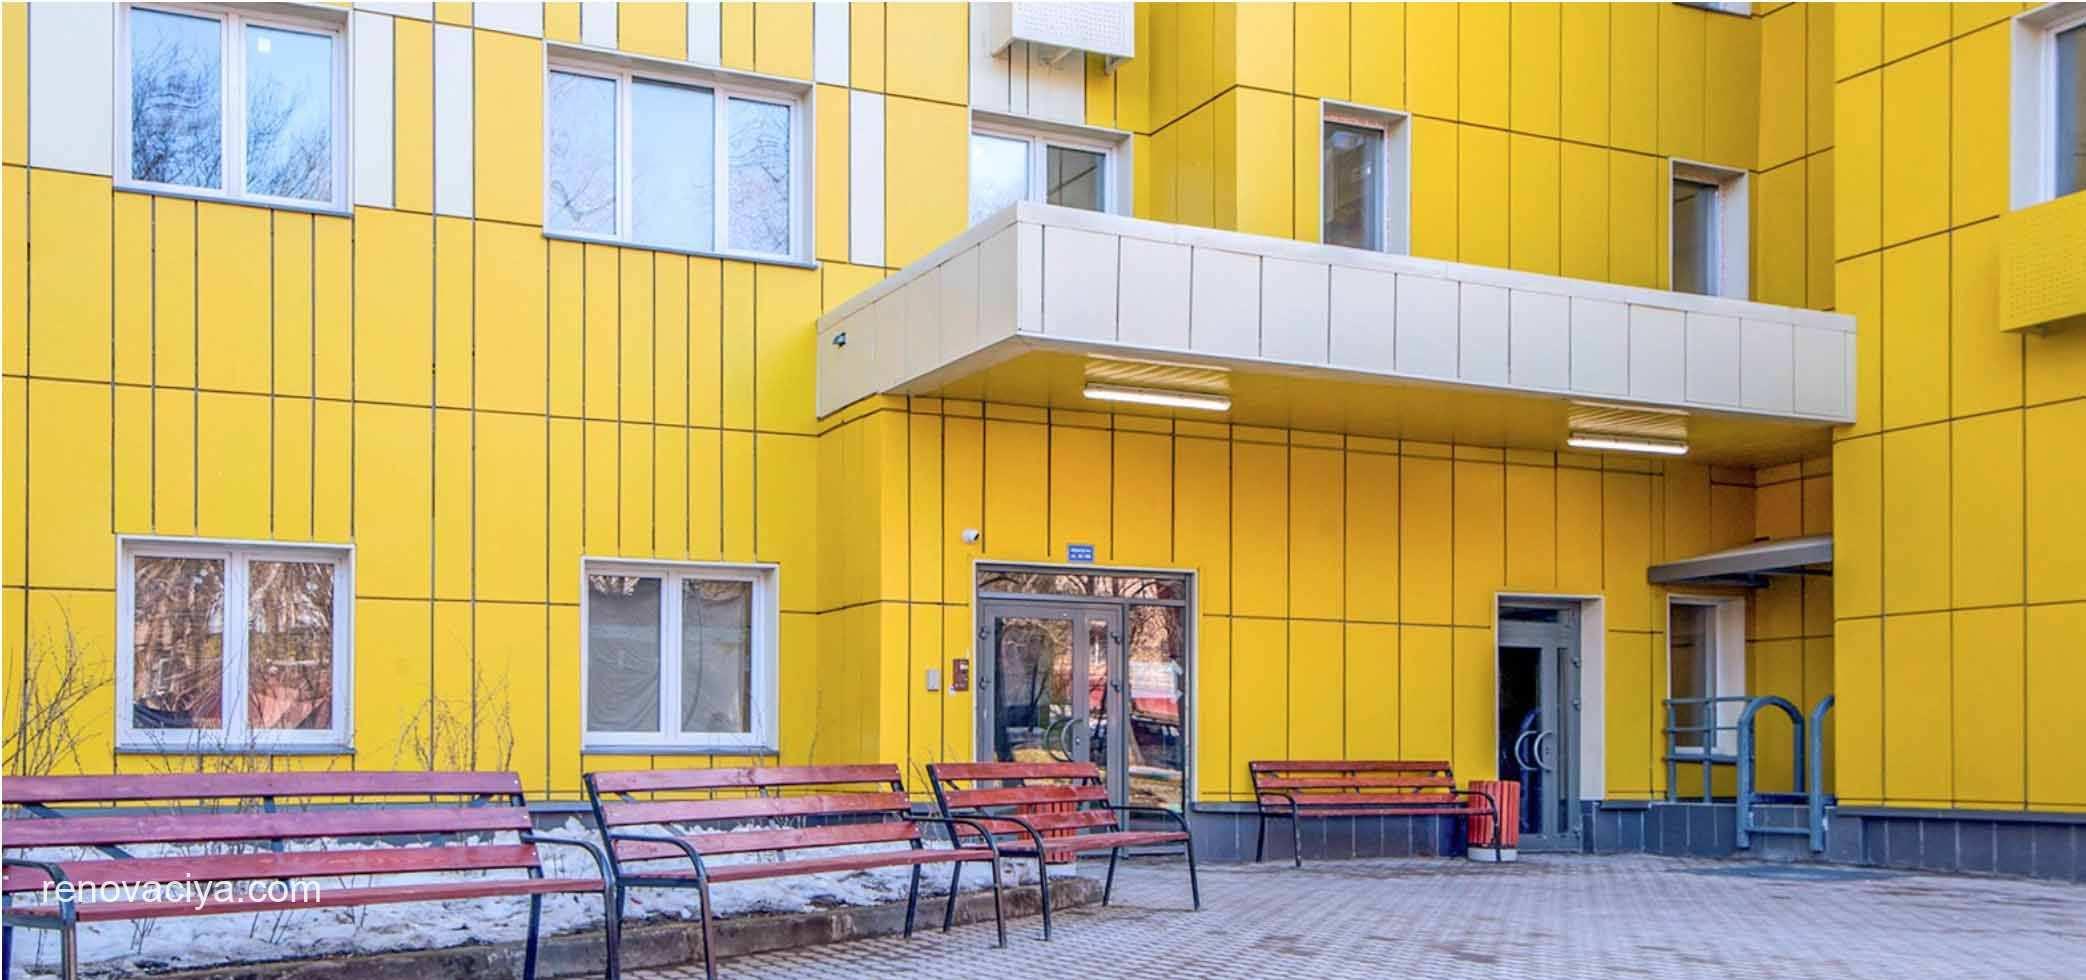 139 семей из трех домов в ЗАО и ЮЗАО переехали в новостройки